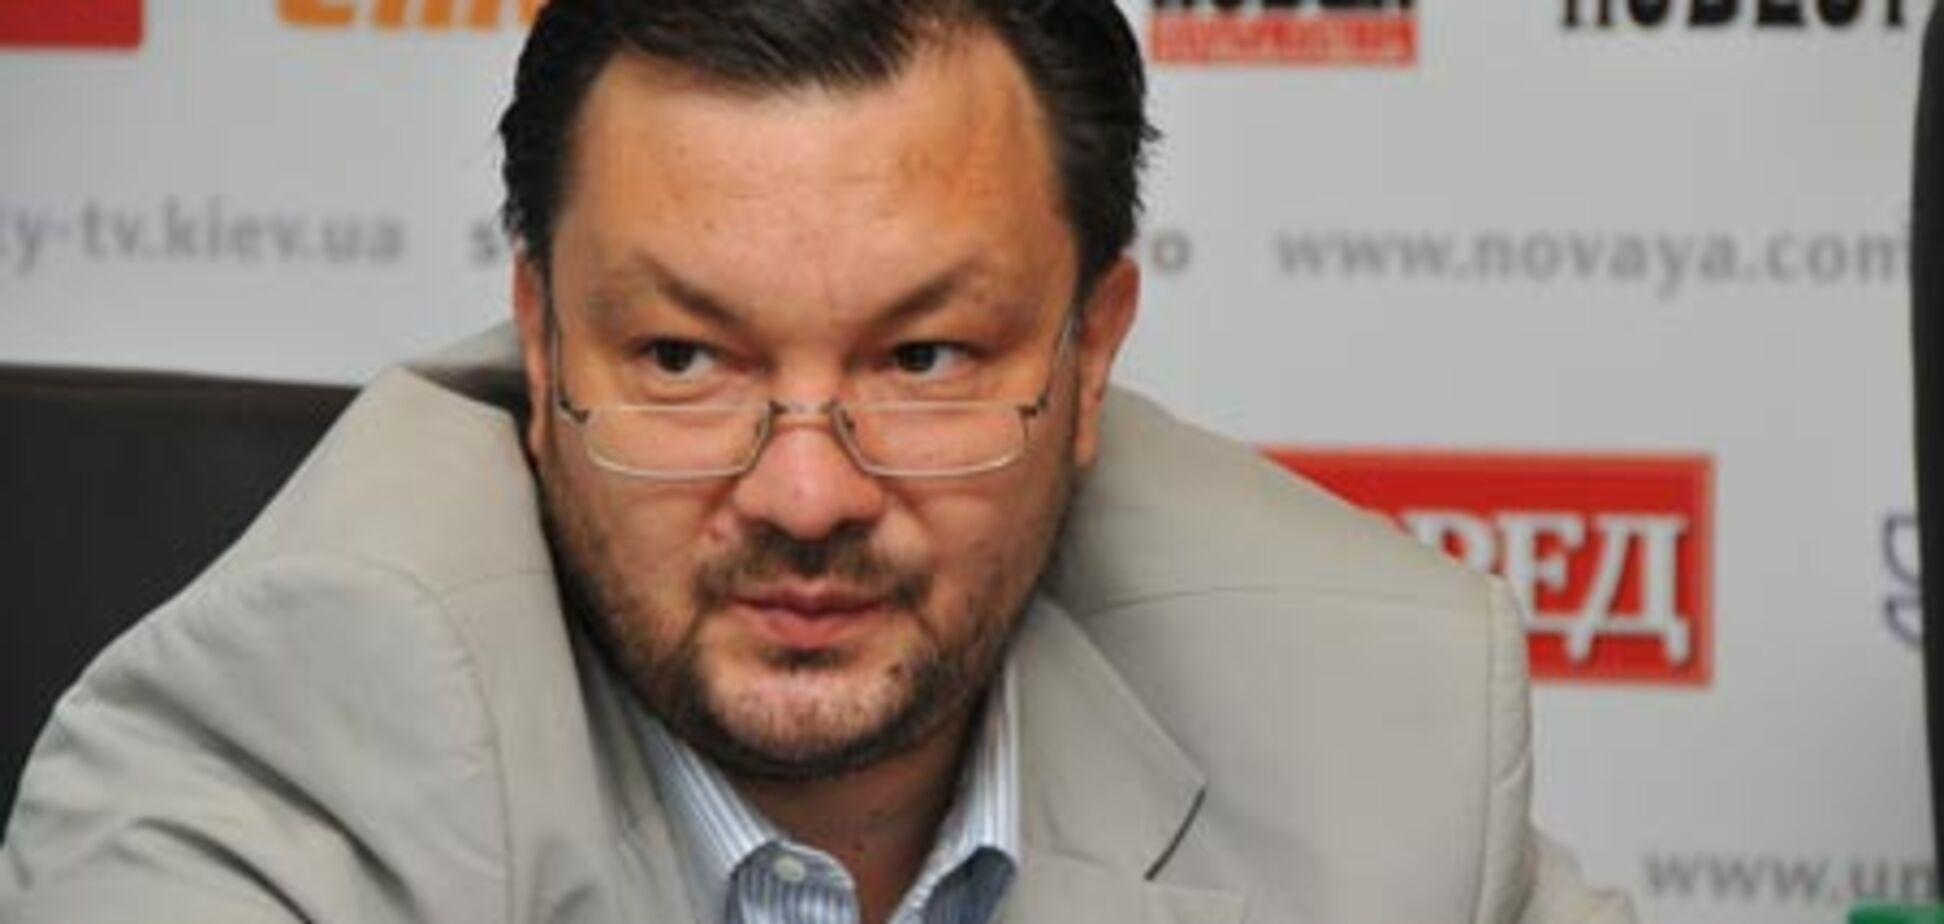 Політикою НТКУ займуться Піховшек і син Ганни Герман